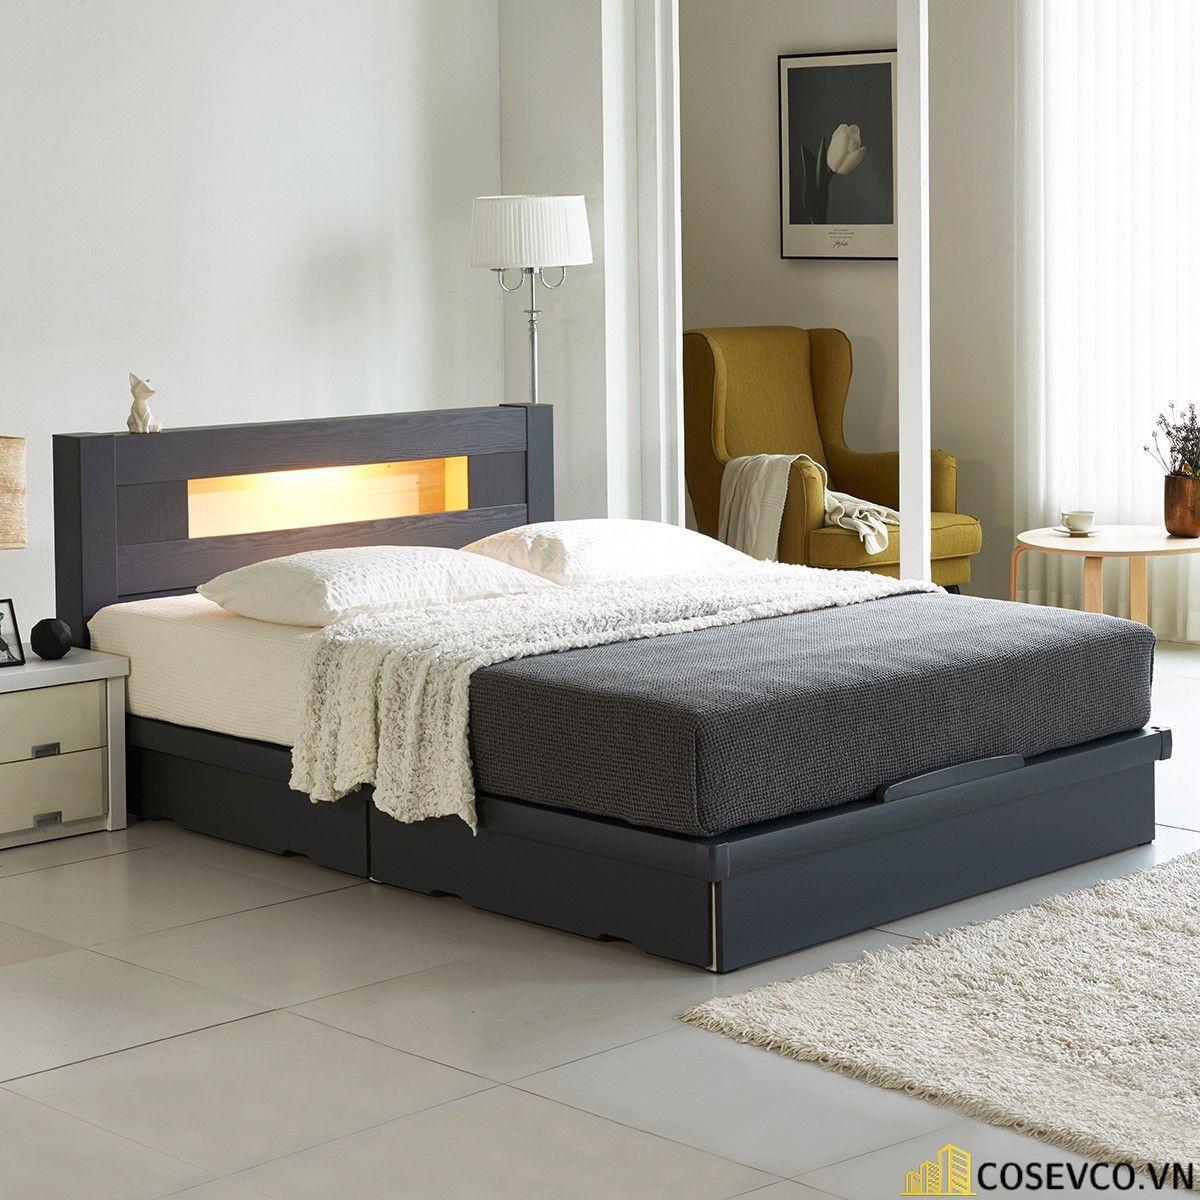 Mẫu giường thông minh bọc nỉ sang trọng - Mẫu 2